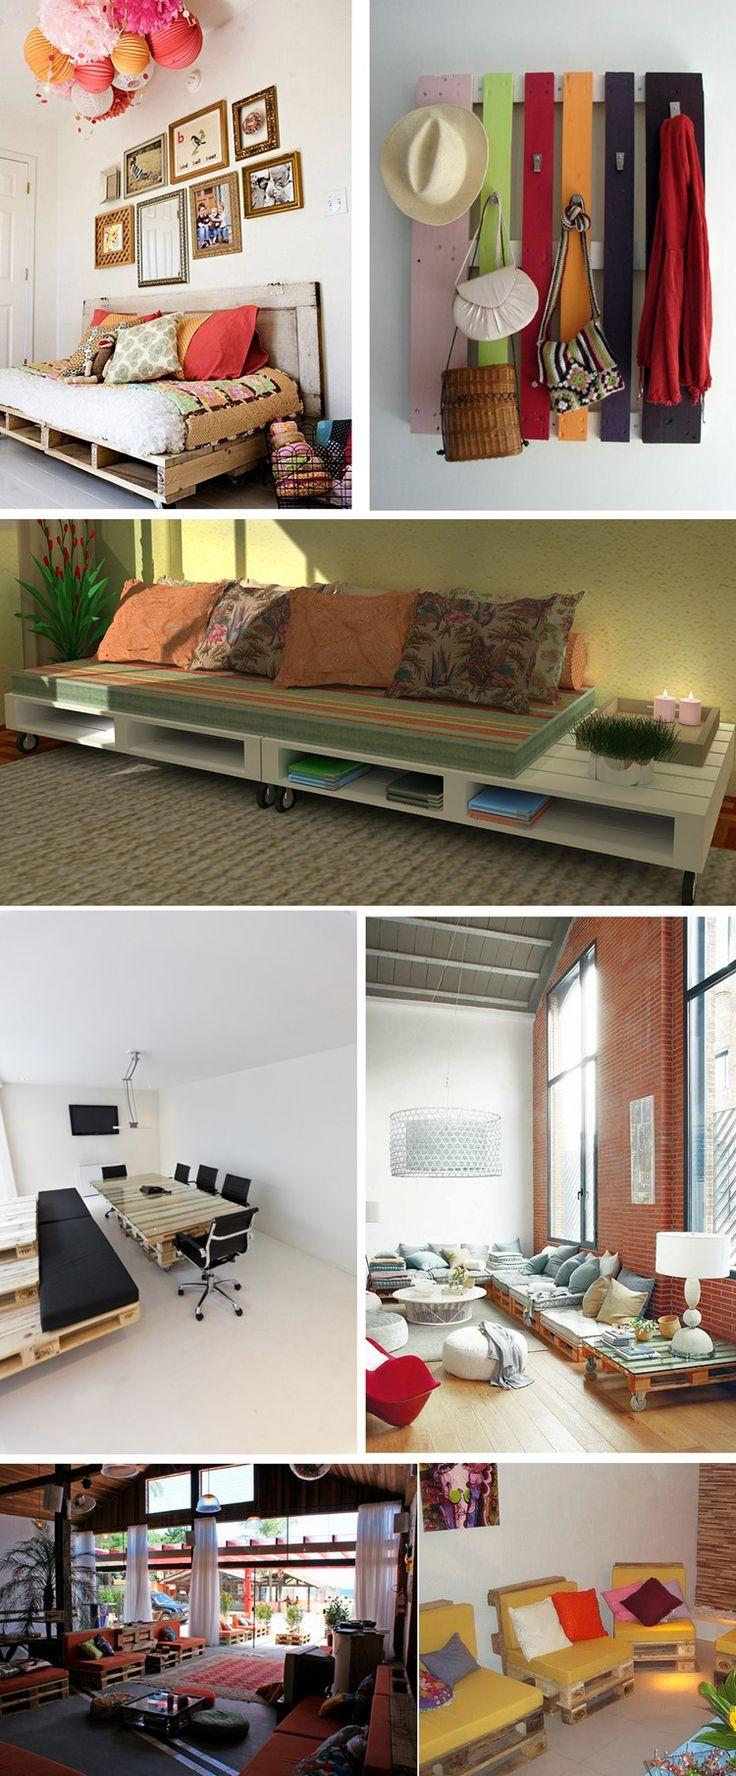 M s de 1000 ideas sobre camas de tarima en pinterest for Muebles de oficina tucuman 1564